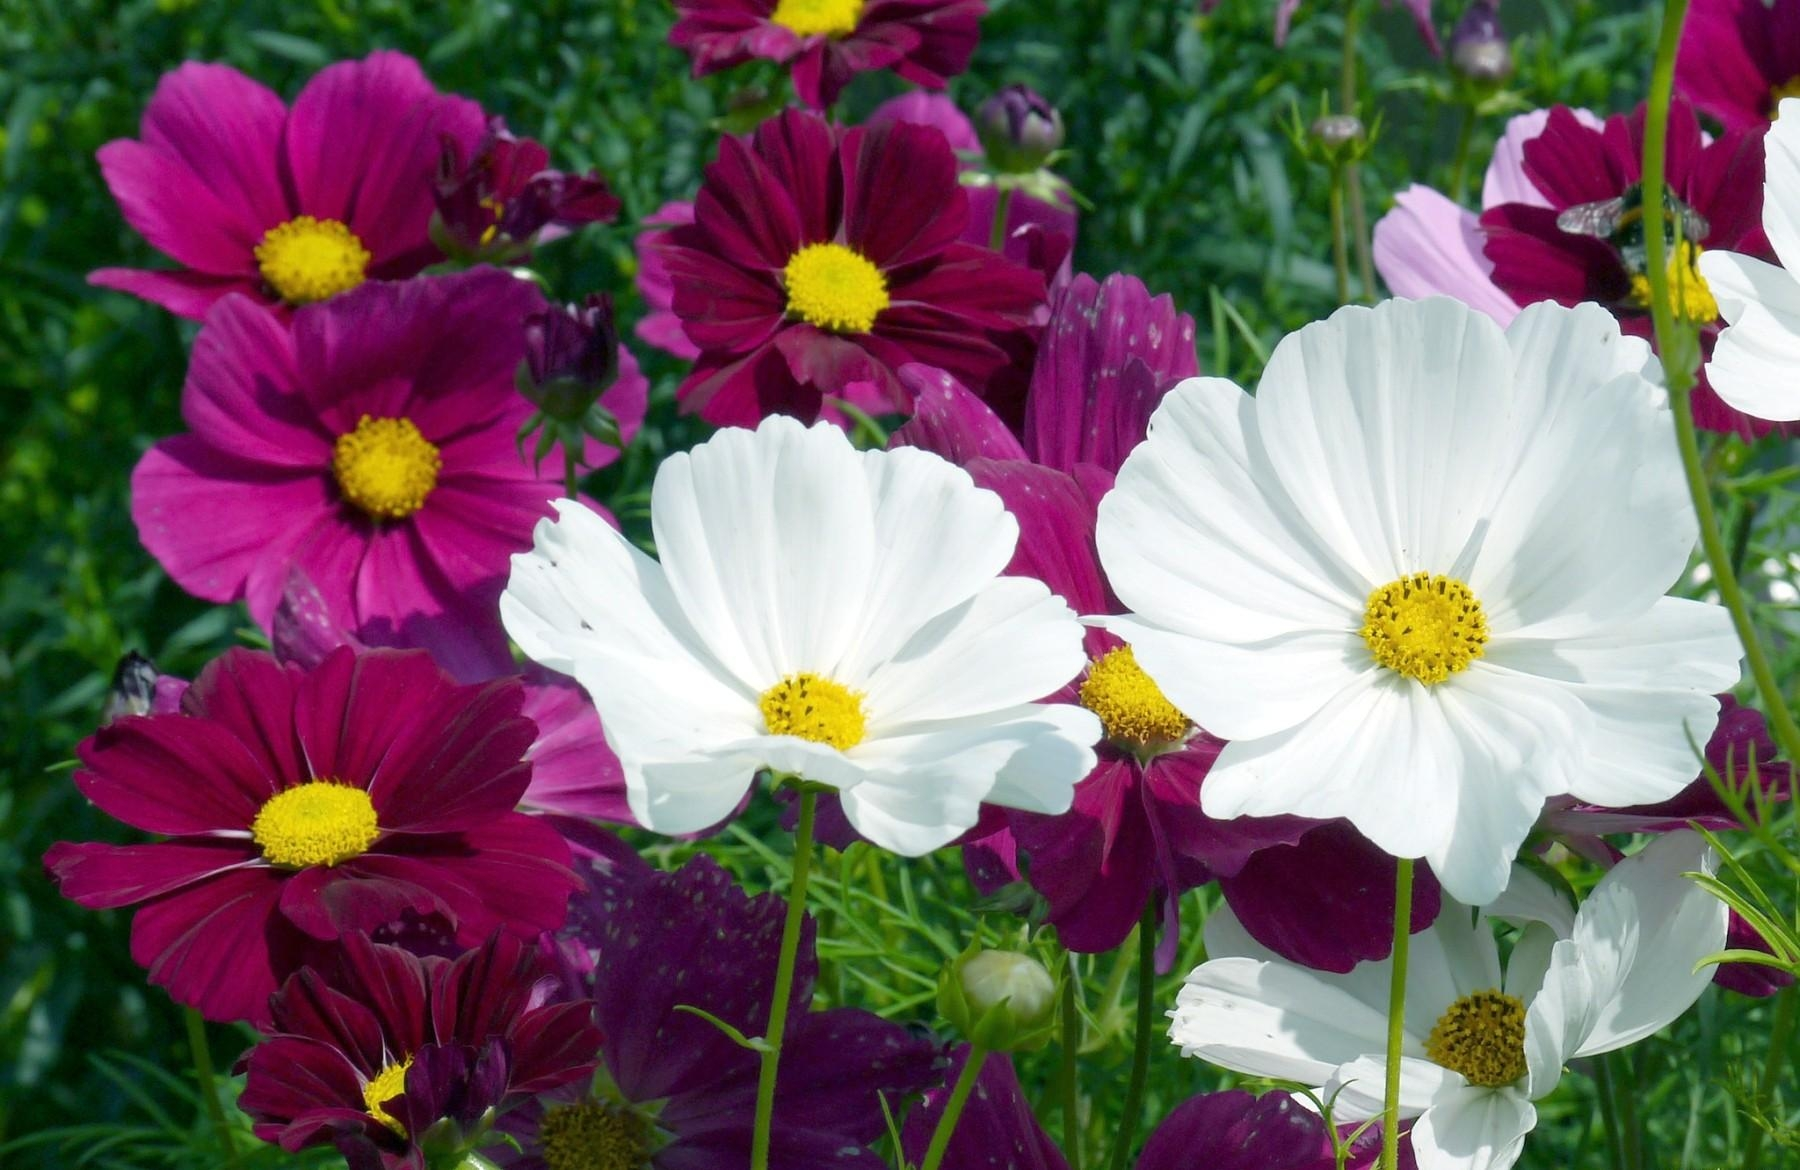 126923 скачать обои Яркие, Цветы, Лето, Клумба, Космея - заставки и картинки бесплатно